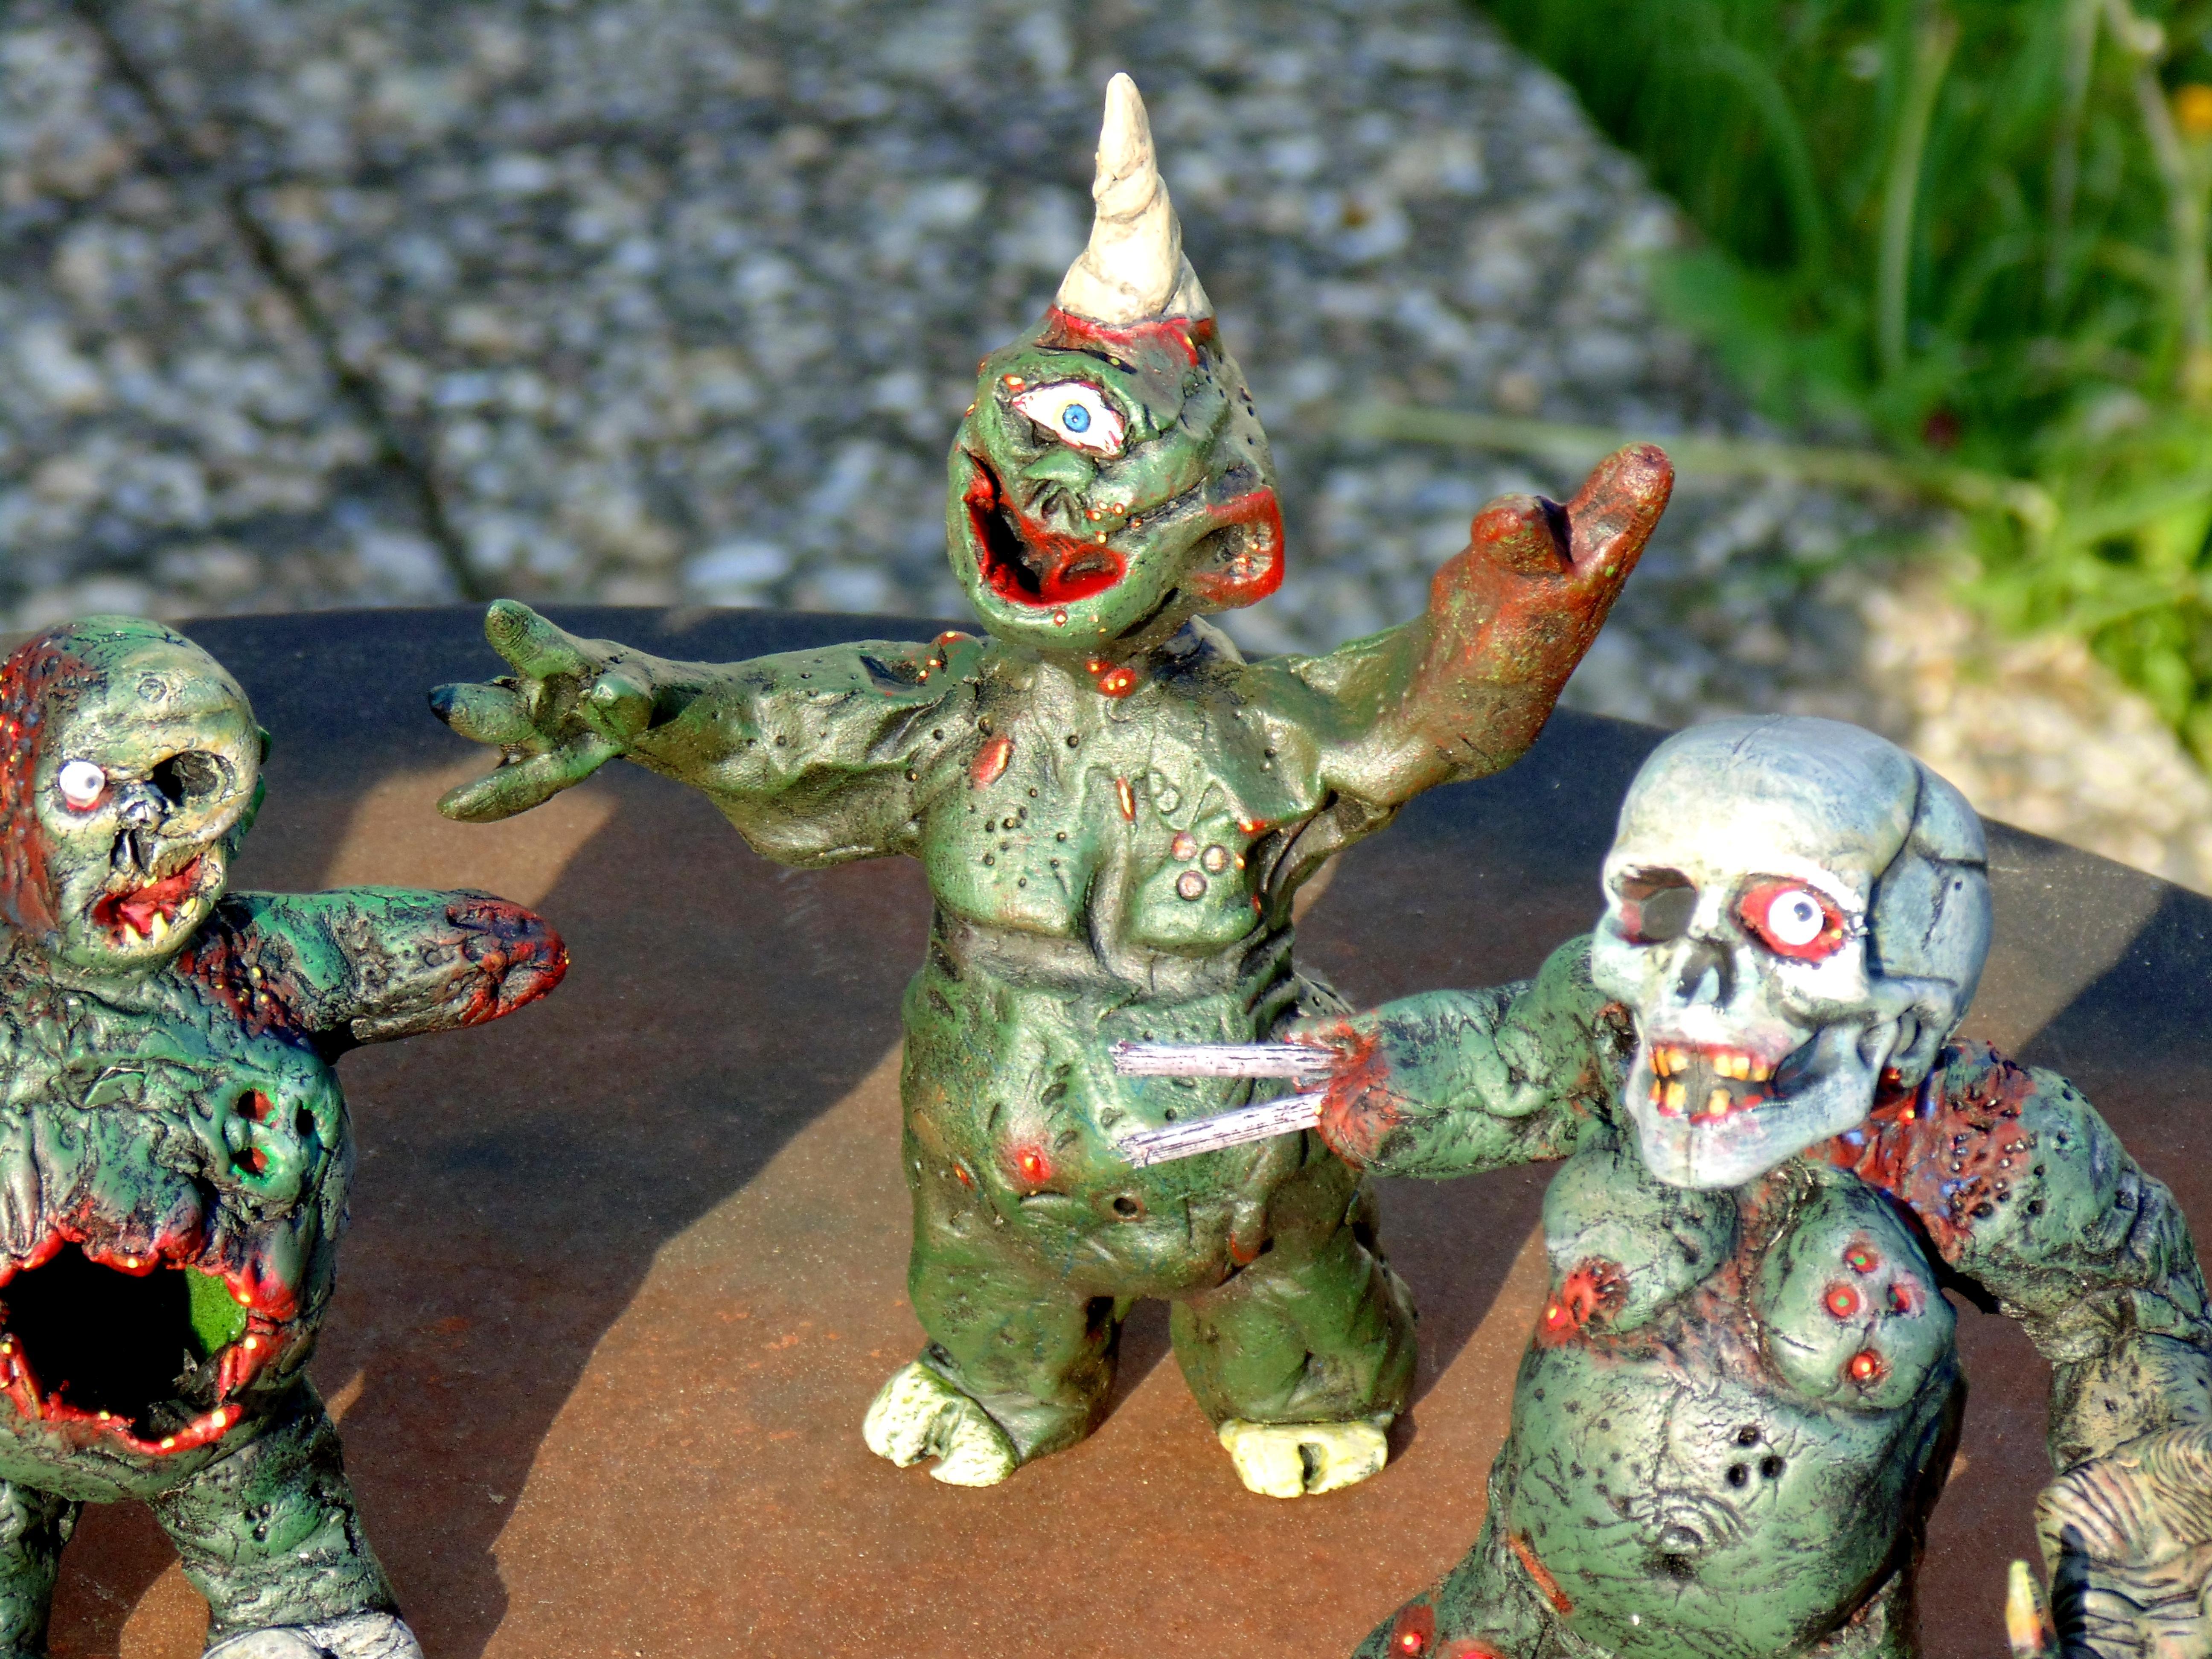 Chaos Nurgle, Converion, Conversion, Daemons, Garden, Gnome, Guo, Nurgle, Plague, Plaguebearers, Prince, Scratch